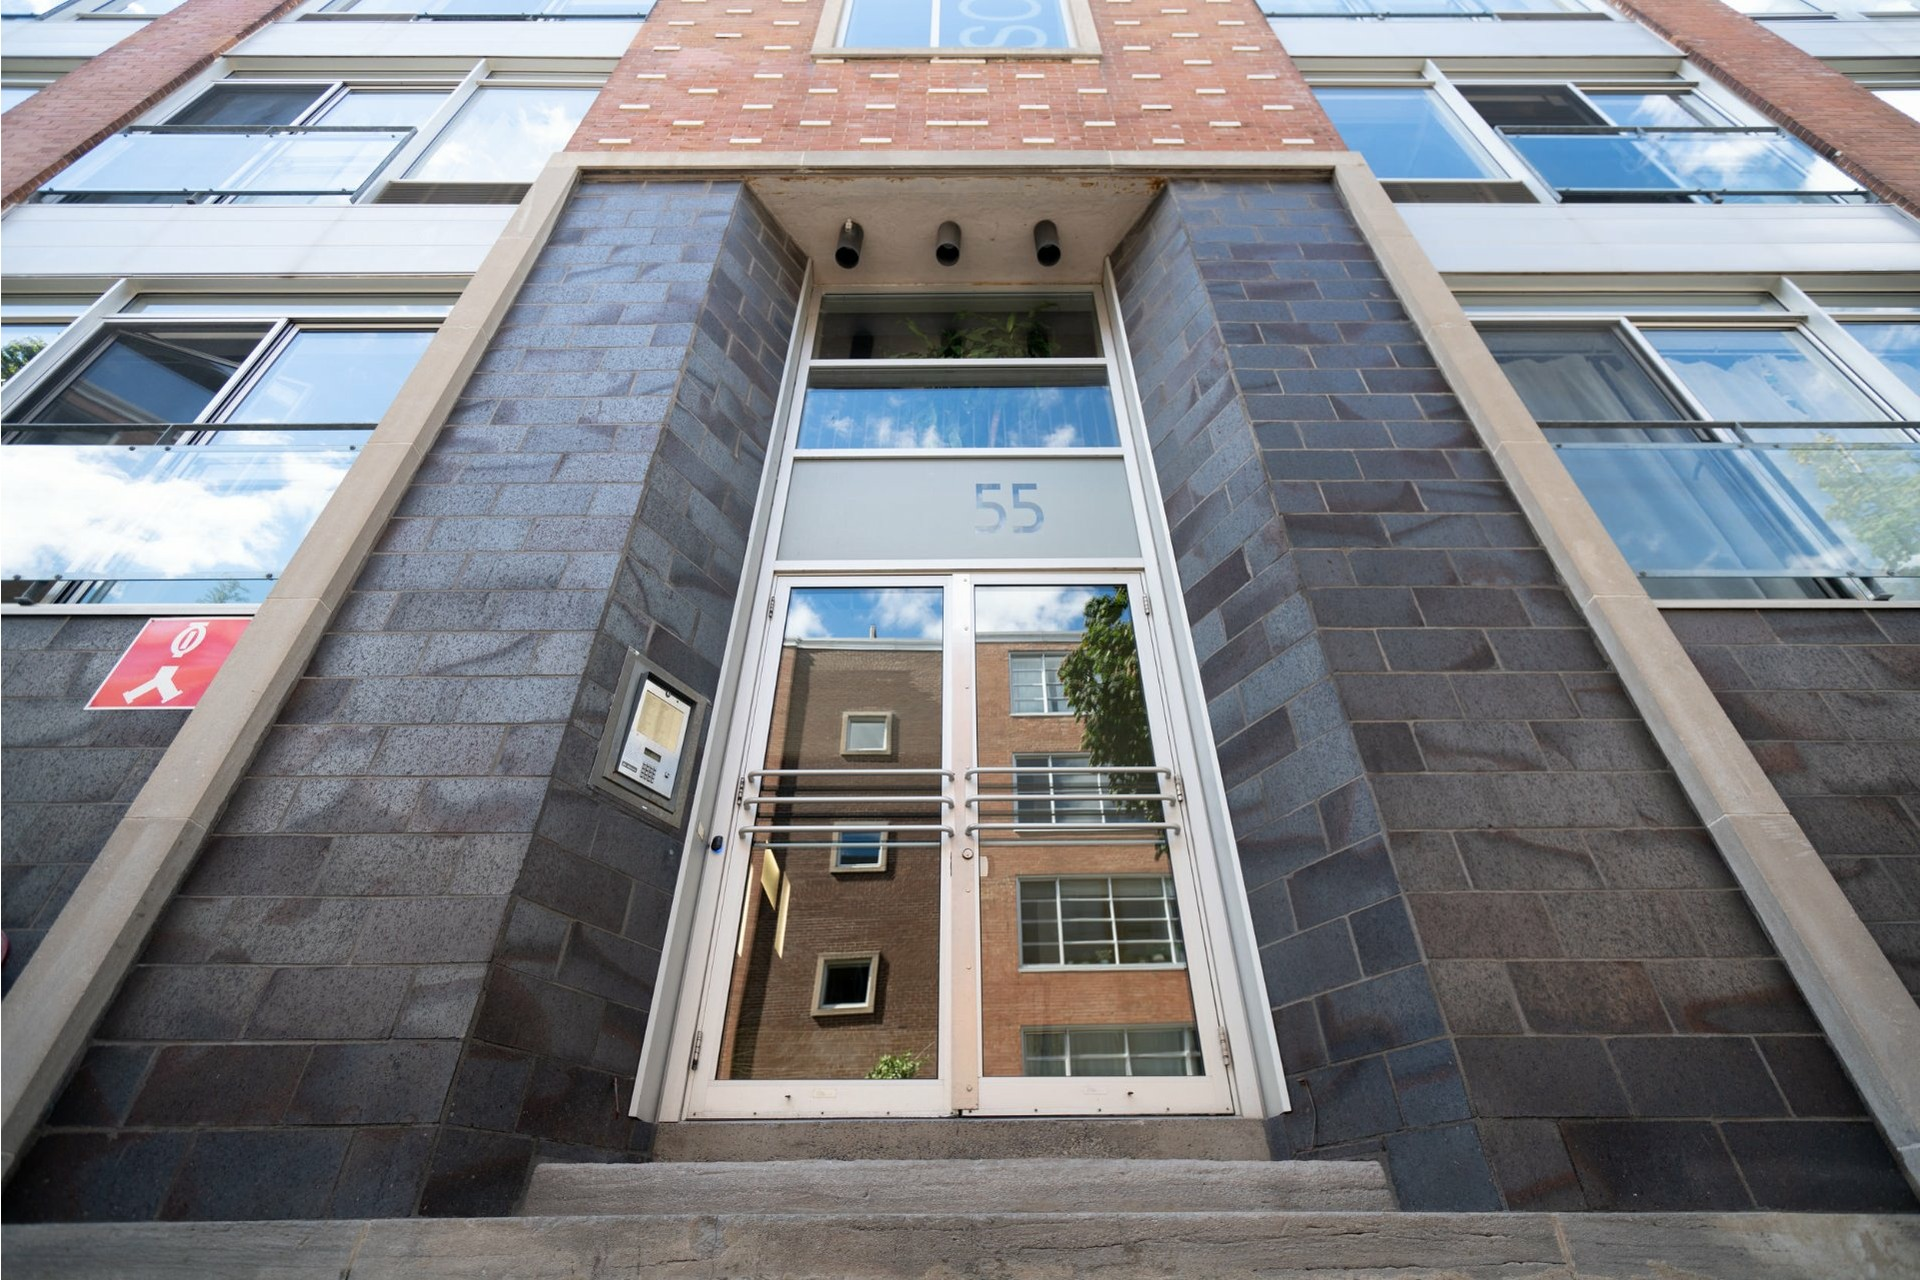 image 5 - Appartement À louer Villeray/Saint-Michel/Parc-Extension Montréal  - 8 pièces